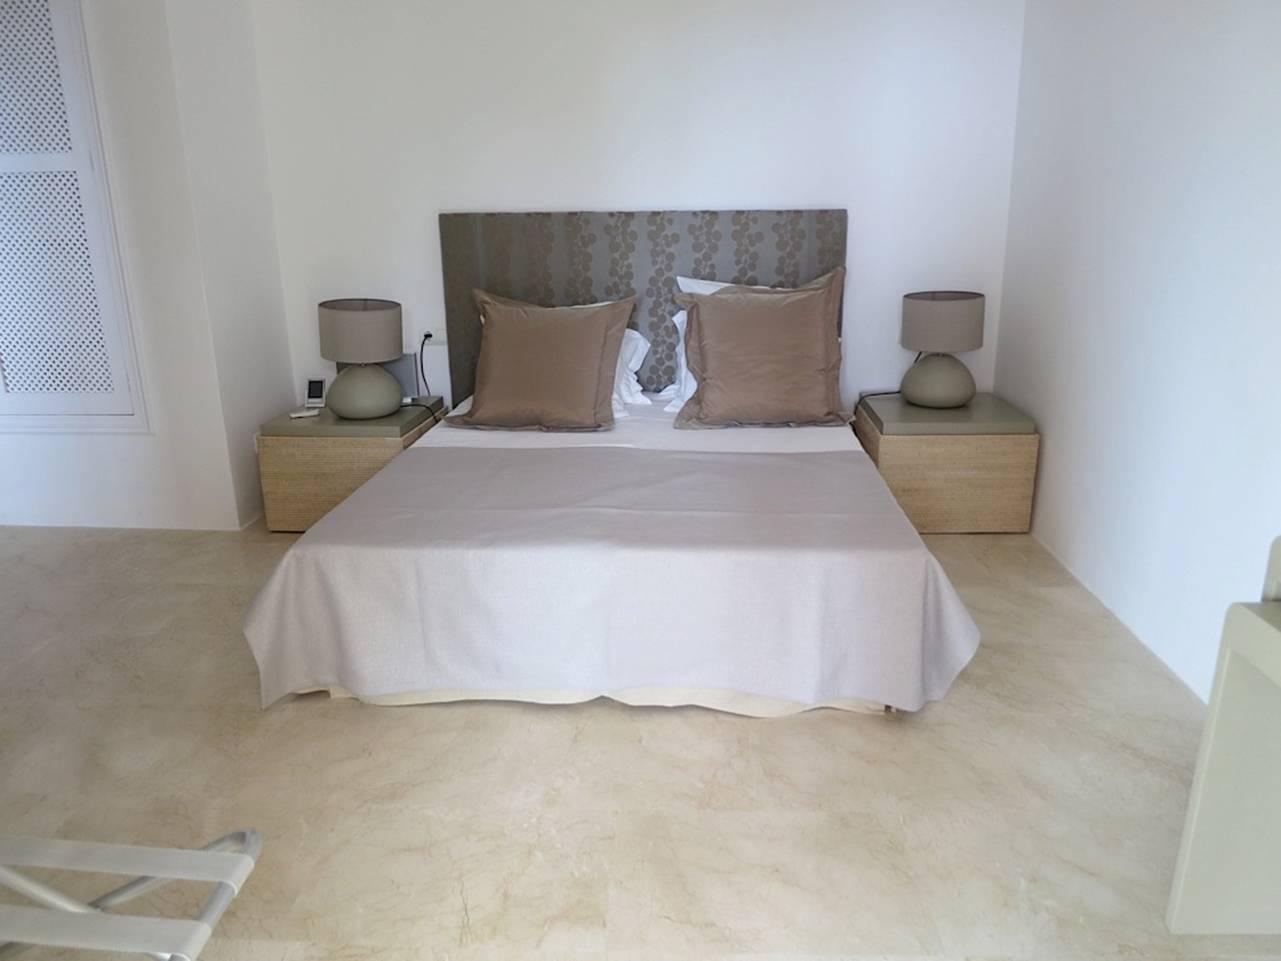 Dormitori 3 amb llit de matrimoni